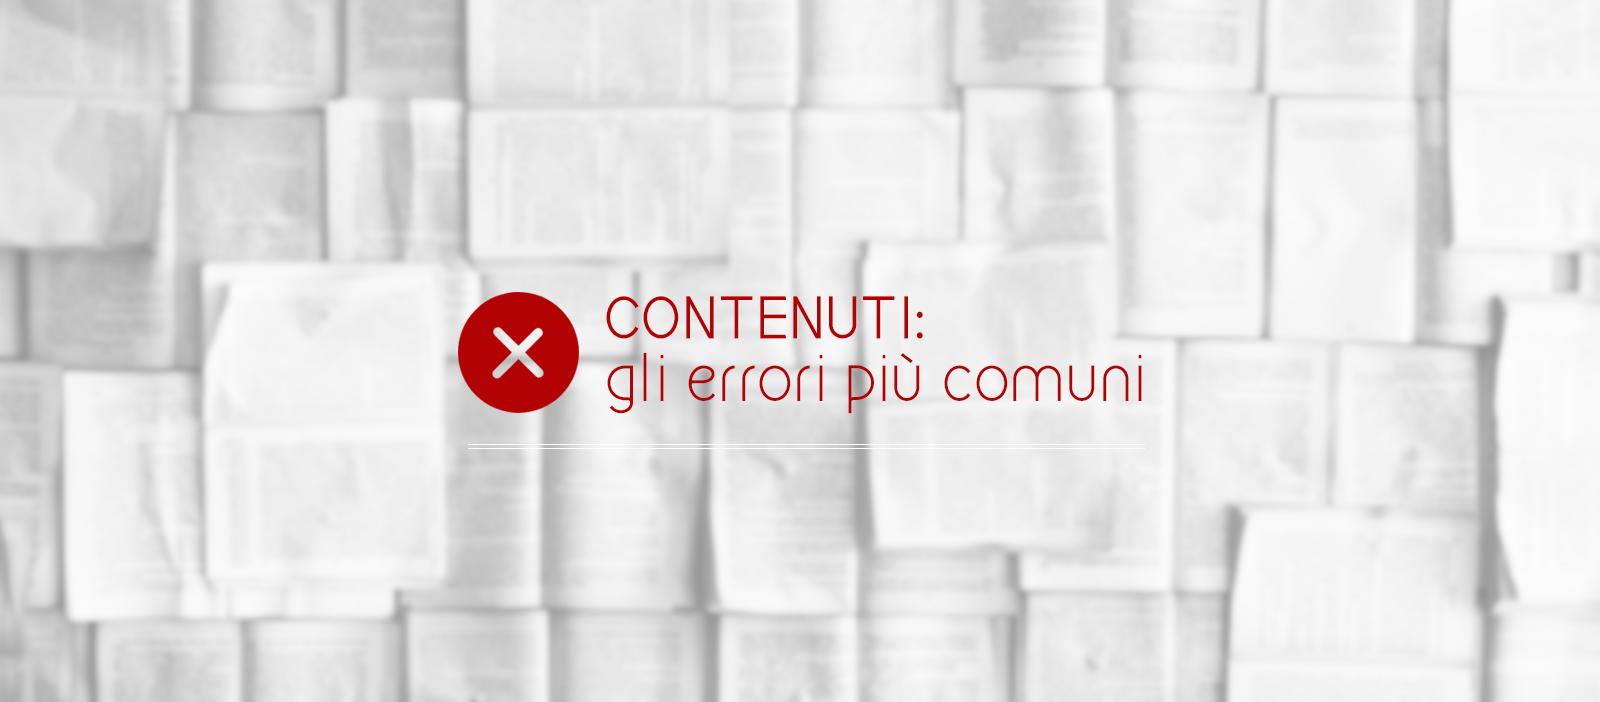 contenuti: quali sono gli errori più comuni e come correggerli